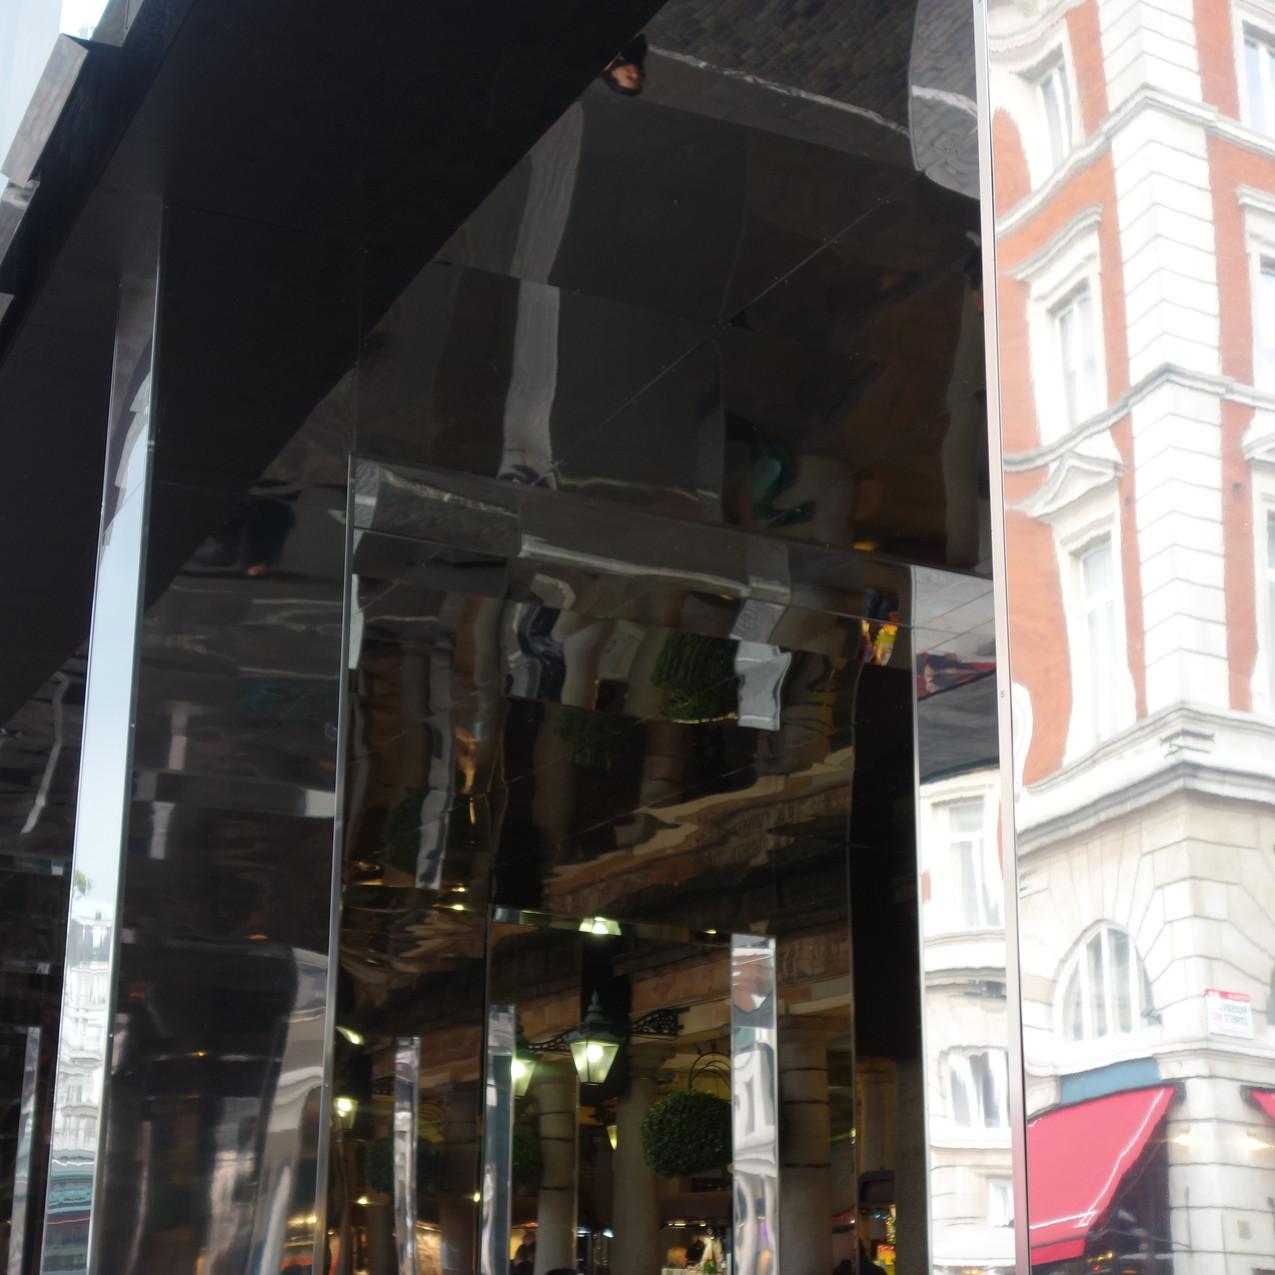 Reflect London